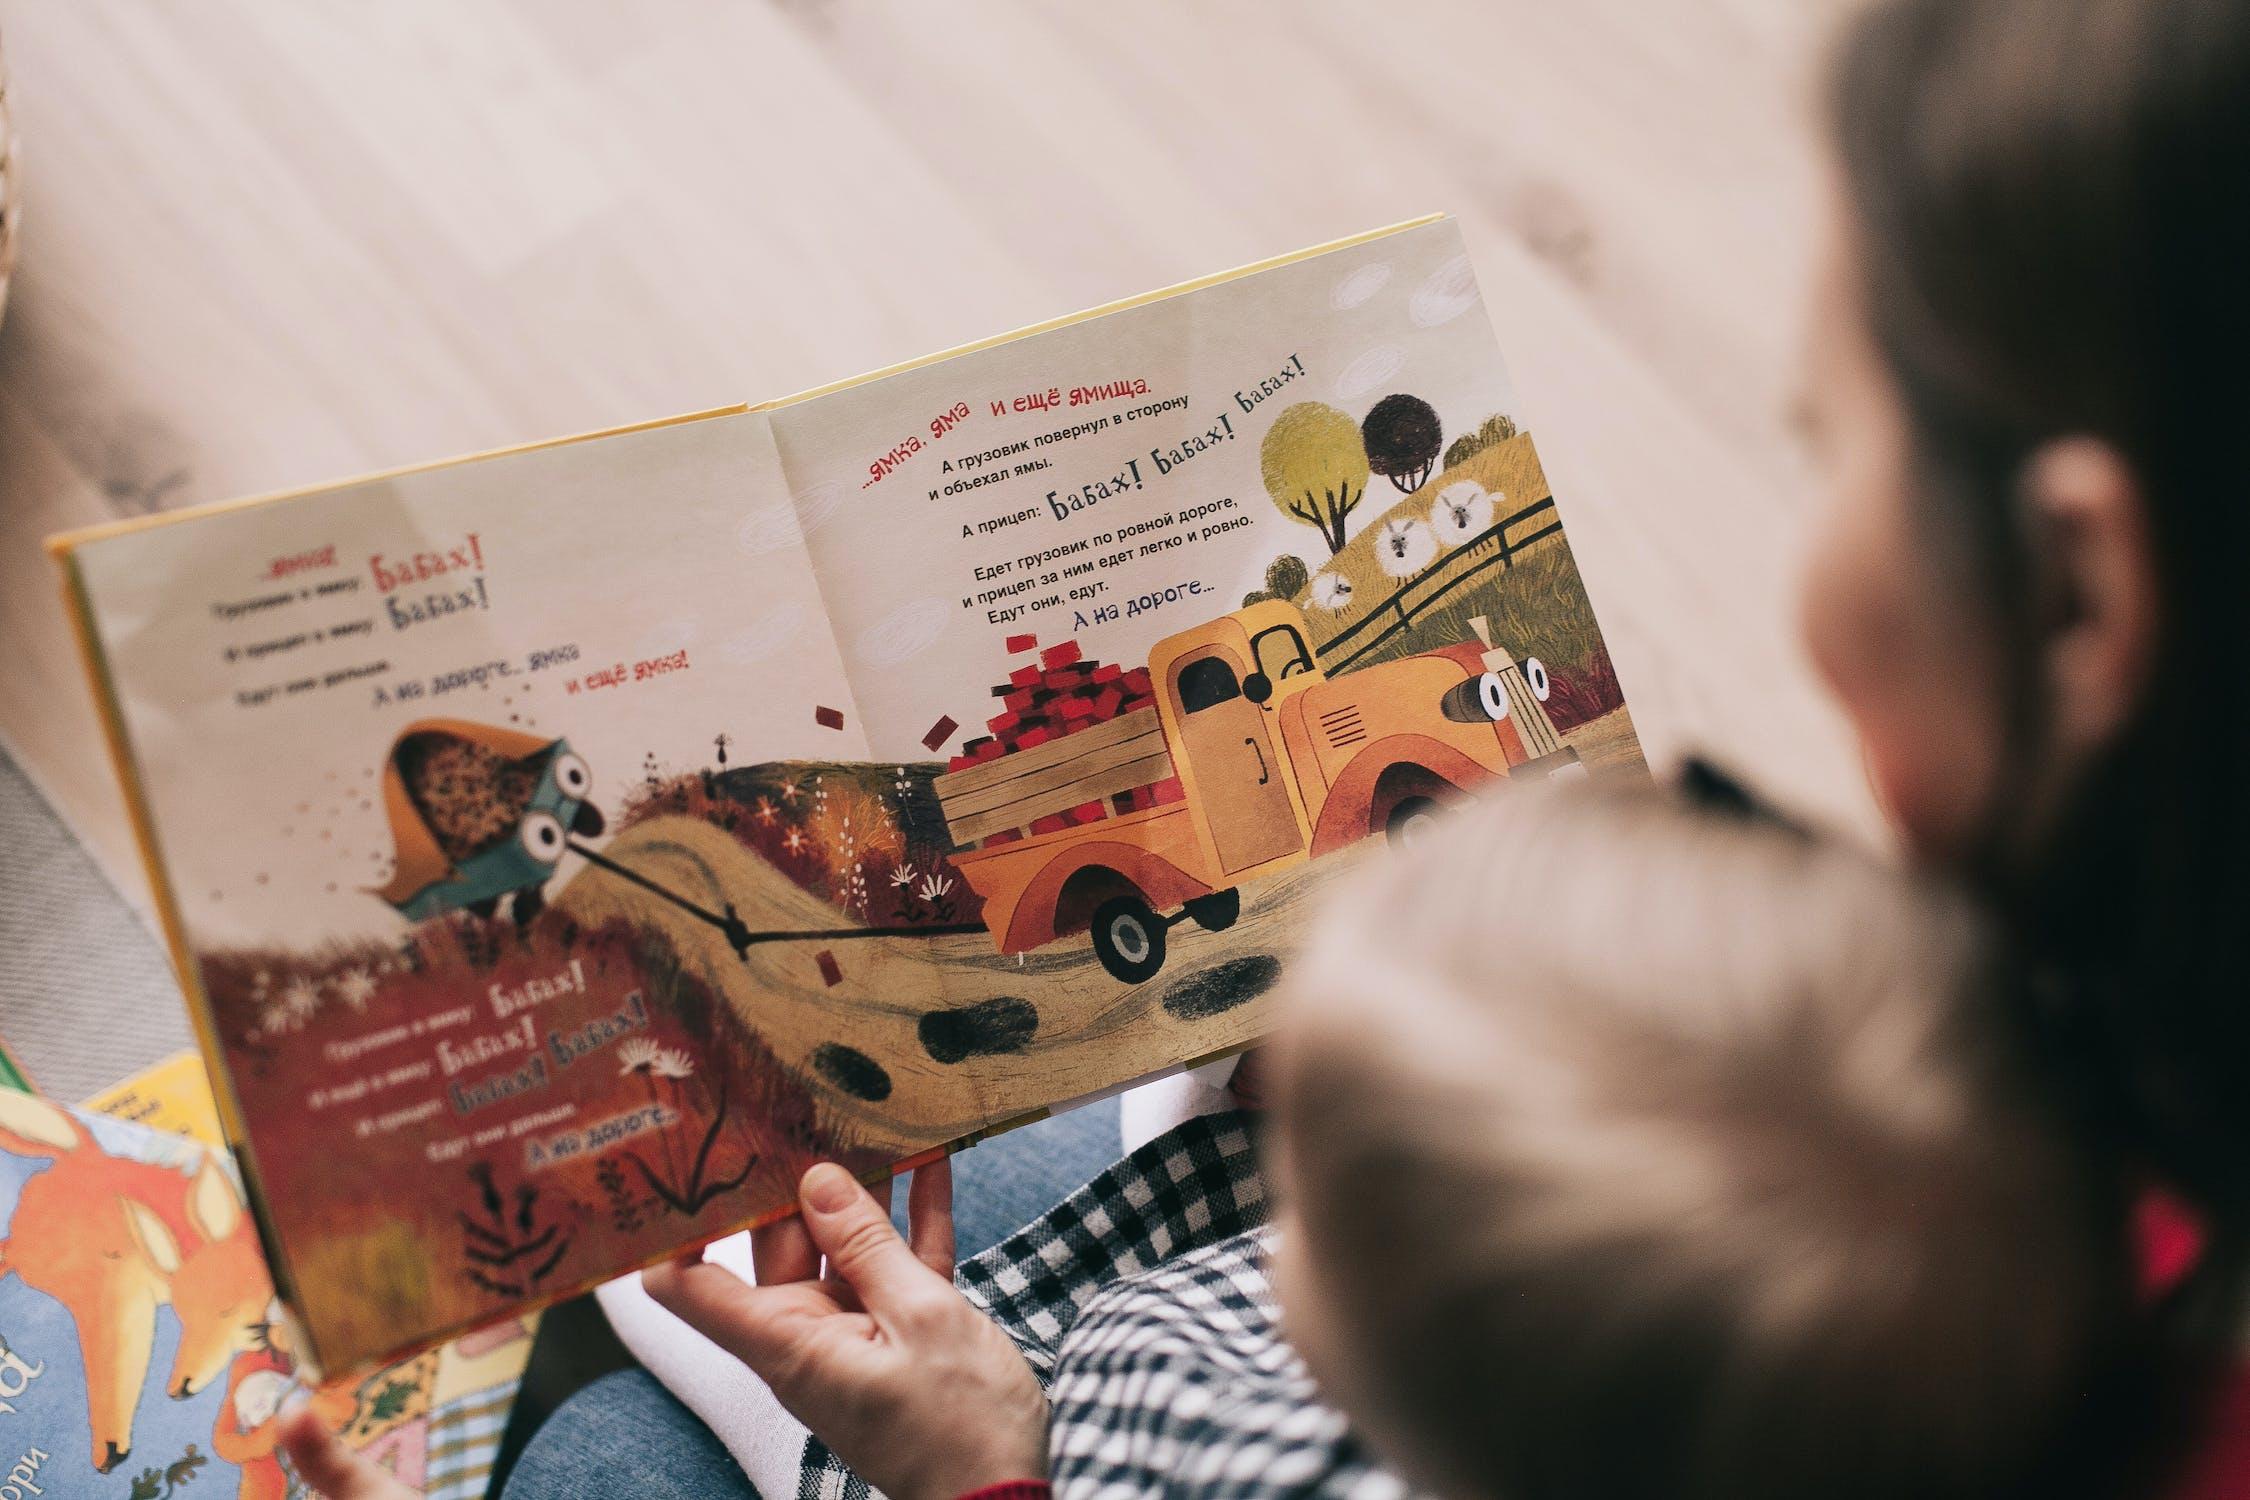 【10本0-5歲的互動遊戲書/童書推薦】新手爸媽們的真實評價,遠離平板、手機,讓孩子們在快樂遊戲中成長!